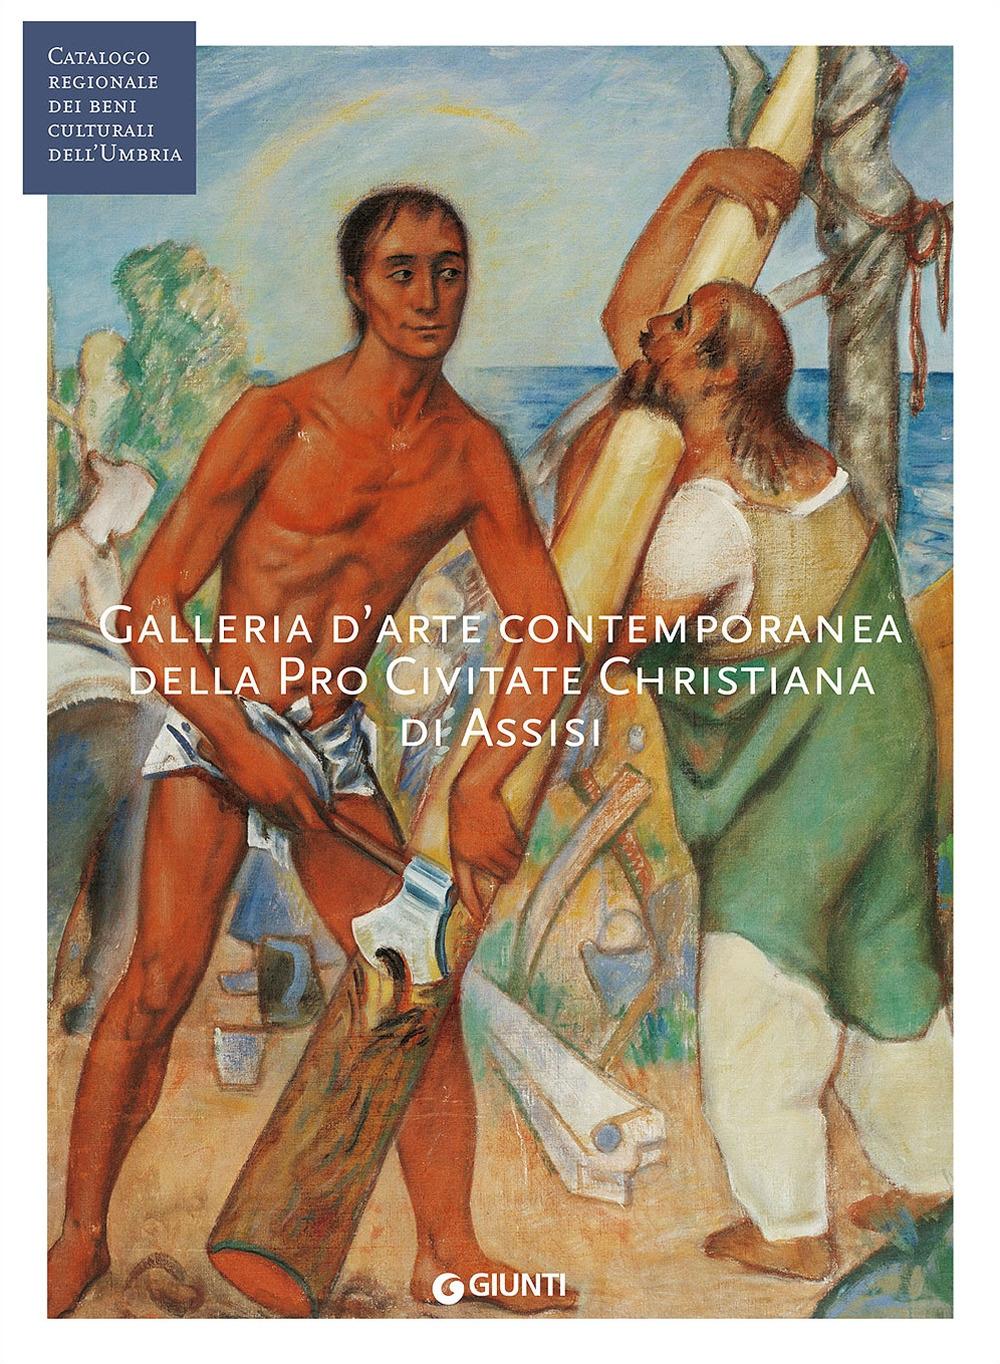 Galleria d'arte contemporanea della Pro Civitate Christiana di Assisi. Ediz. illustrata